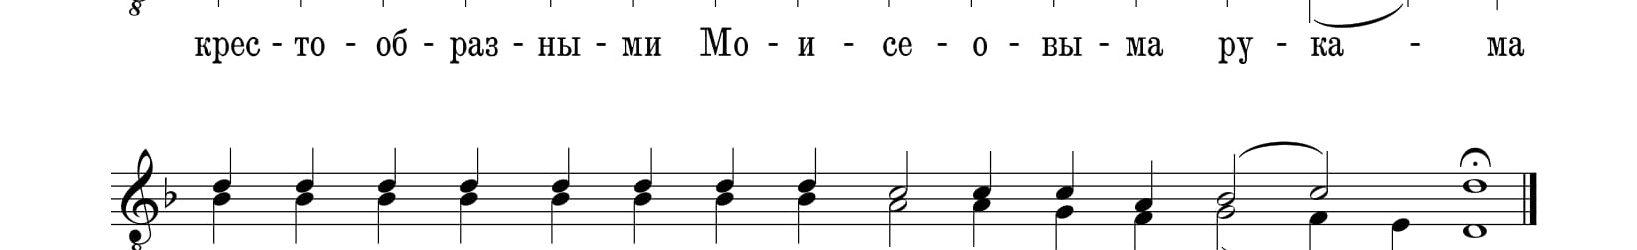 Ирмосы воскресные гл 4 (Сокр. греческого распева, в излож. и. Афанасия)